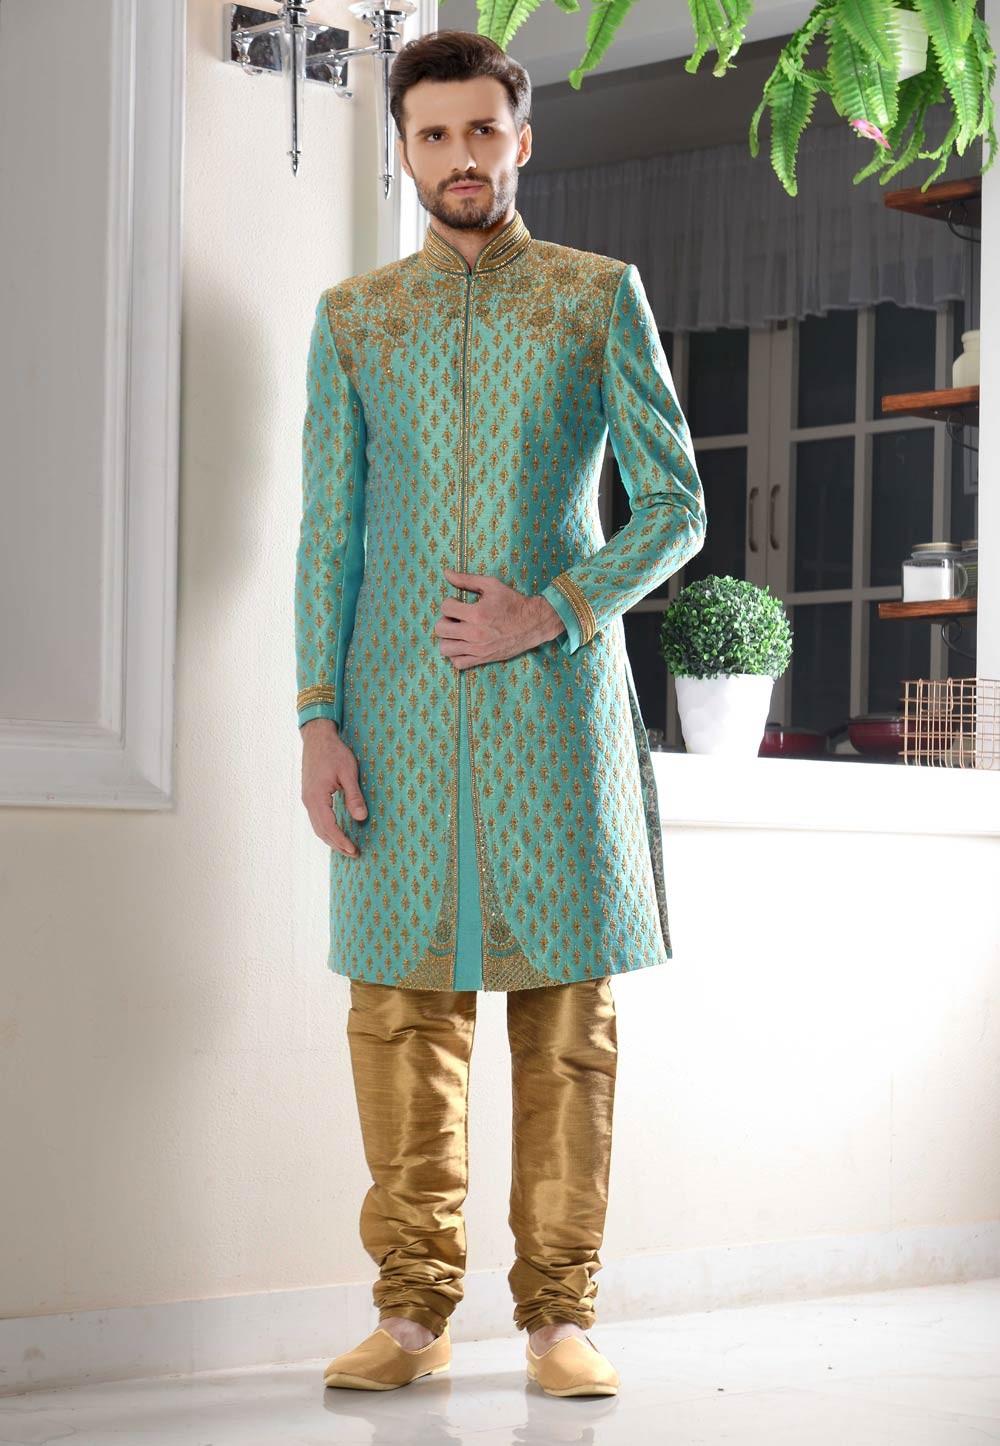 Eye-catching Banarasi Silk Fabric Turquoise Color Sherwani